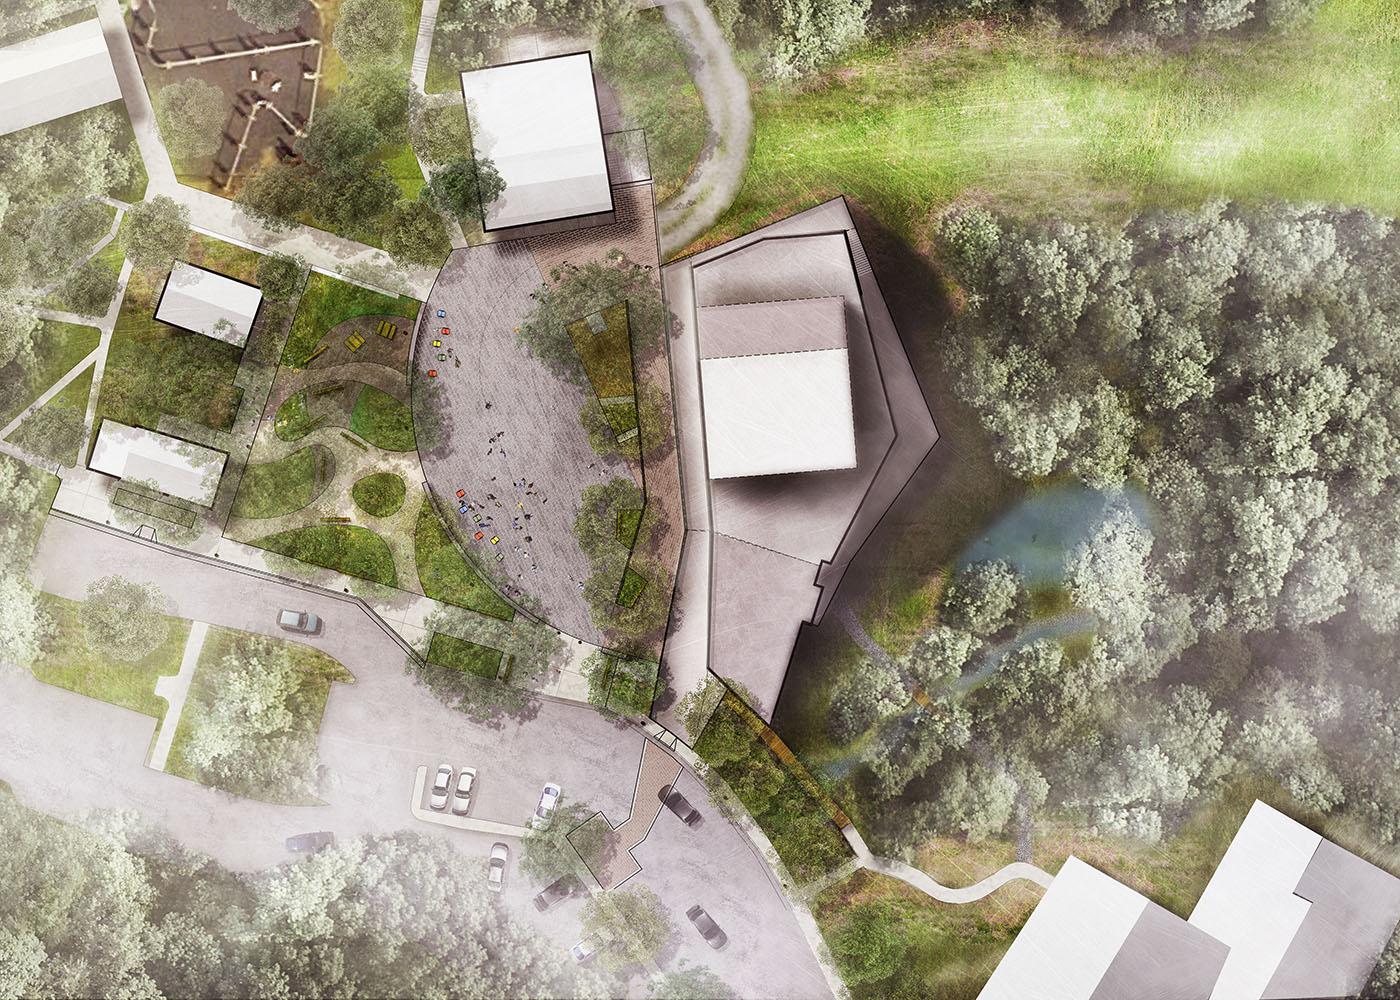 Landscape Architecture Design Images